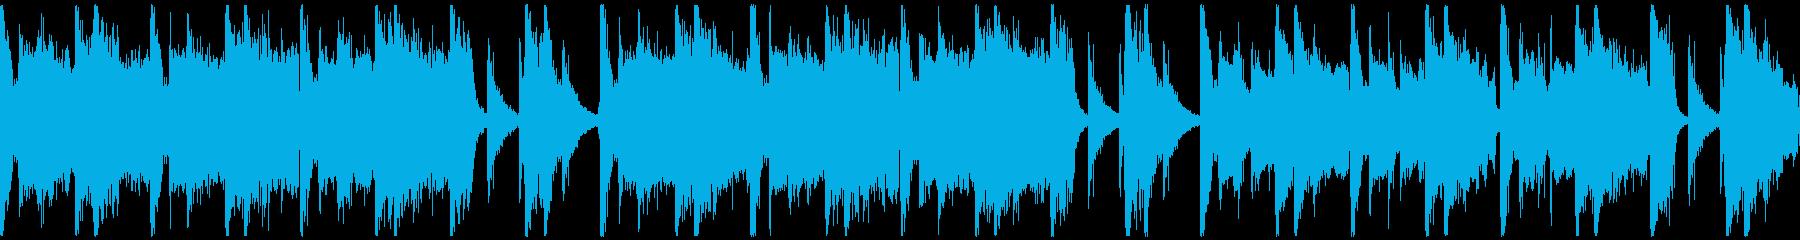 パワフルクラップ&ストンプのロックループの再生済みの波形